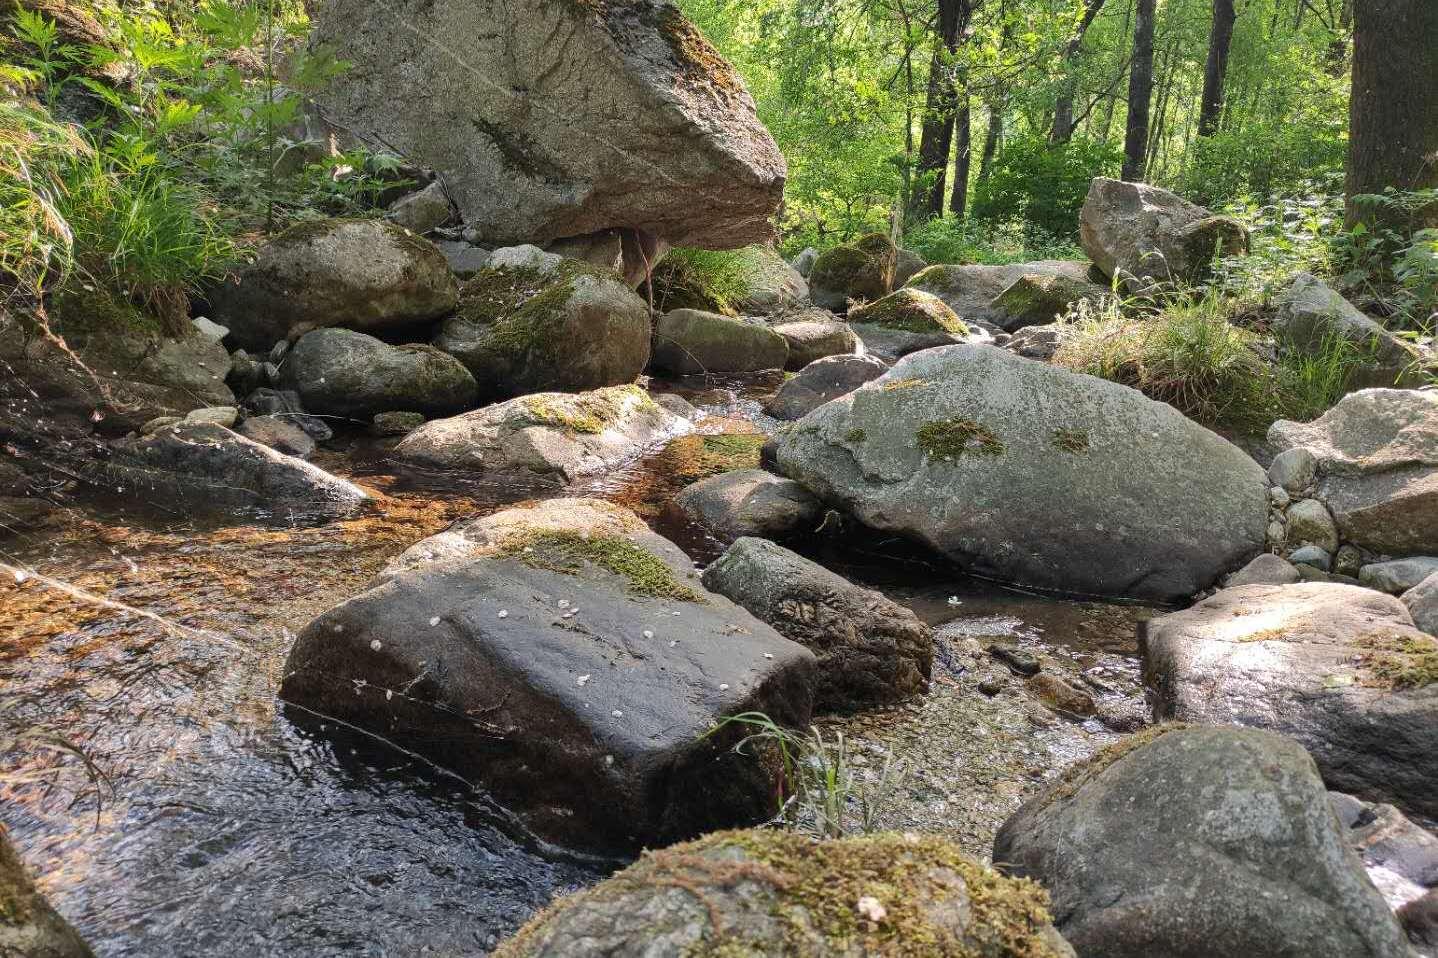 这就是真实的终南山居生活,门前的小溪都这么美